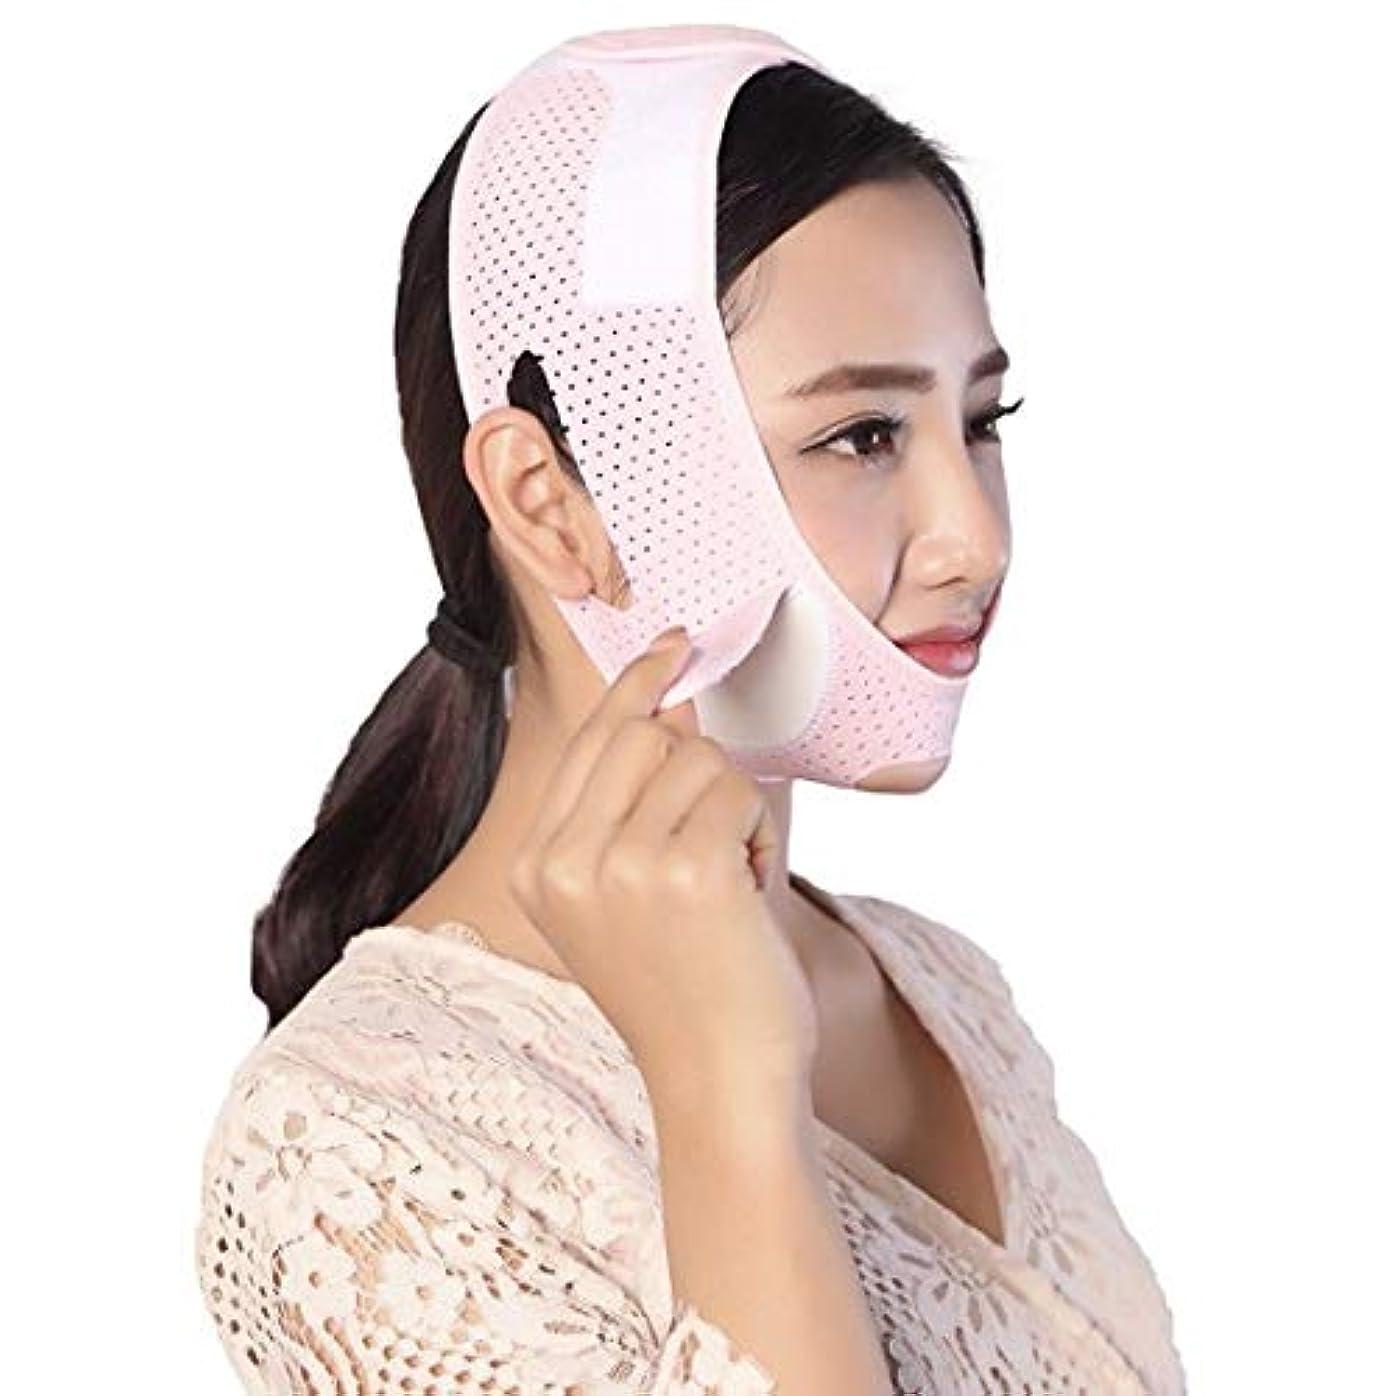 封建マウントバンク制限ZWBD フェイスマスク, フェイスリフティングベルトリフティングVフェイスライン包帯フェイシャル引き締め二重あごの法則睡眠マスク通気性